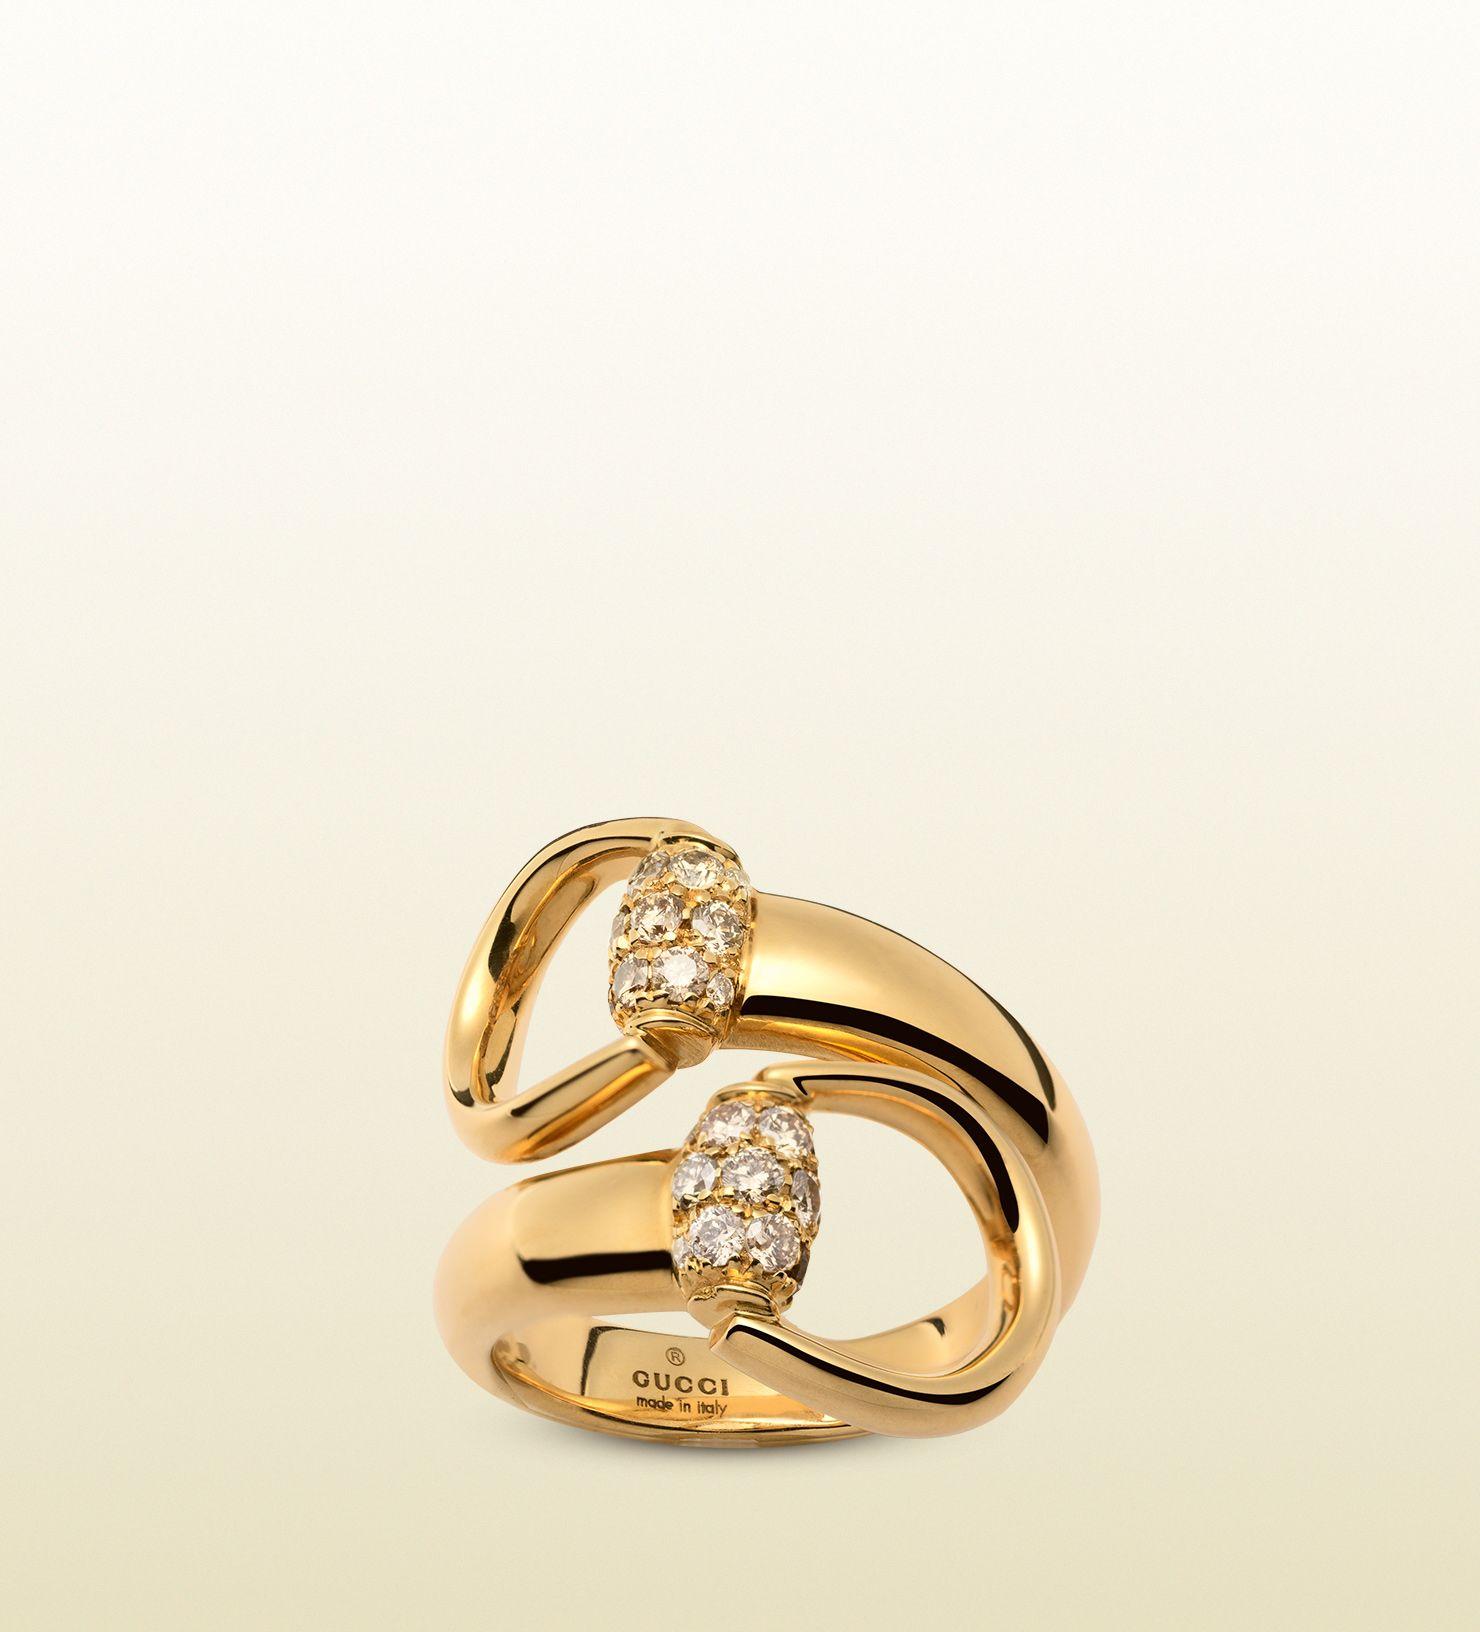 Gucci Gold ring with brown diamonds sI7Bc7fAjT